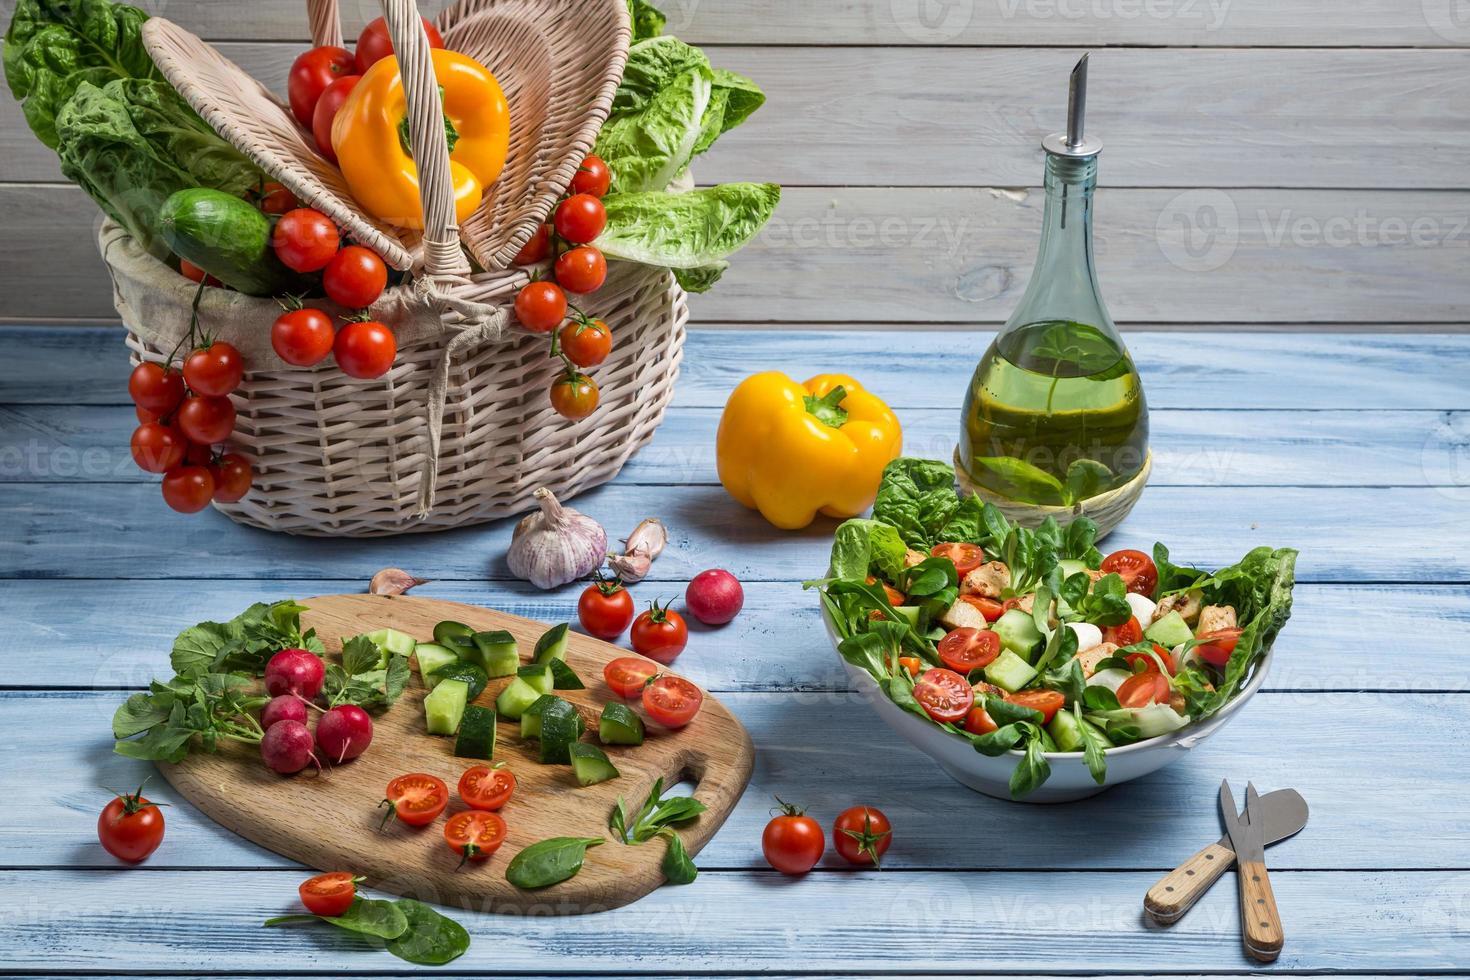 gezonde salade gemaakt met verse groenten foto